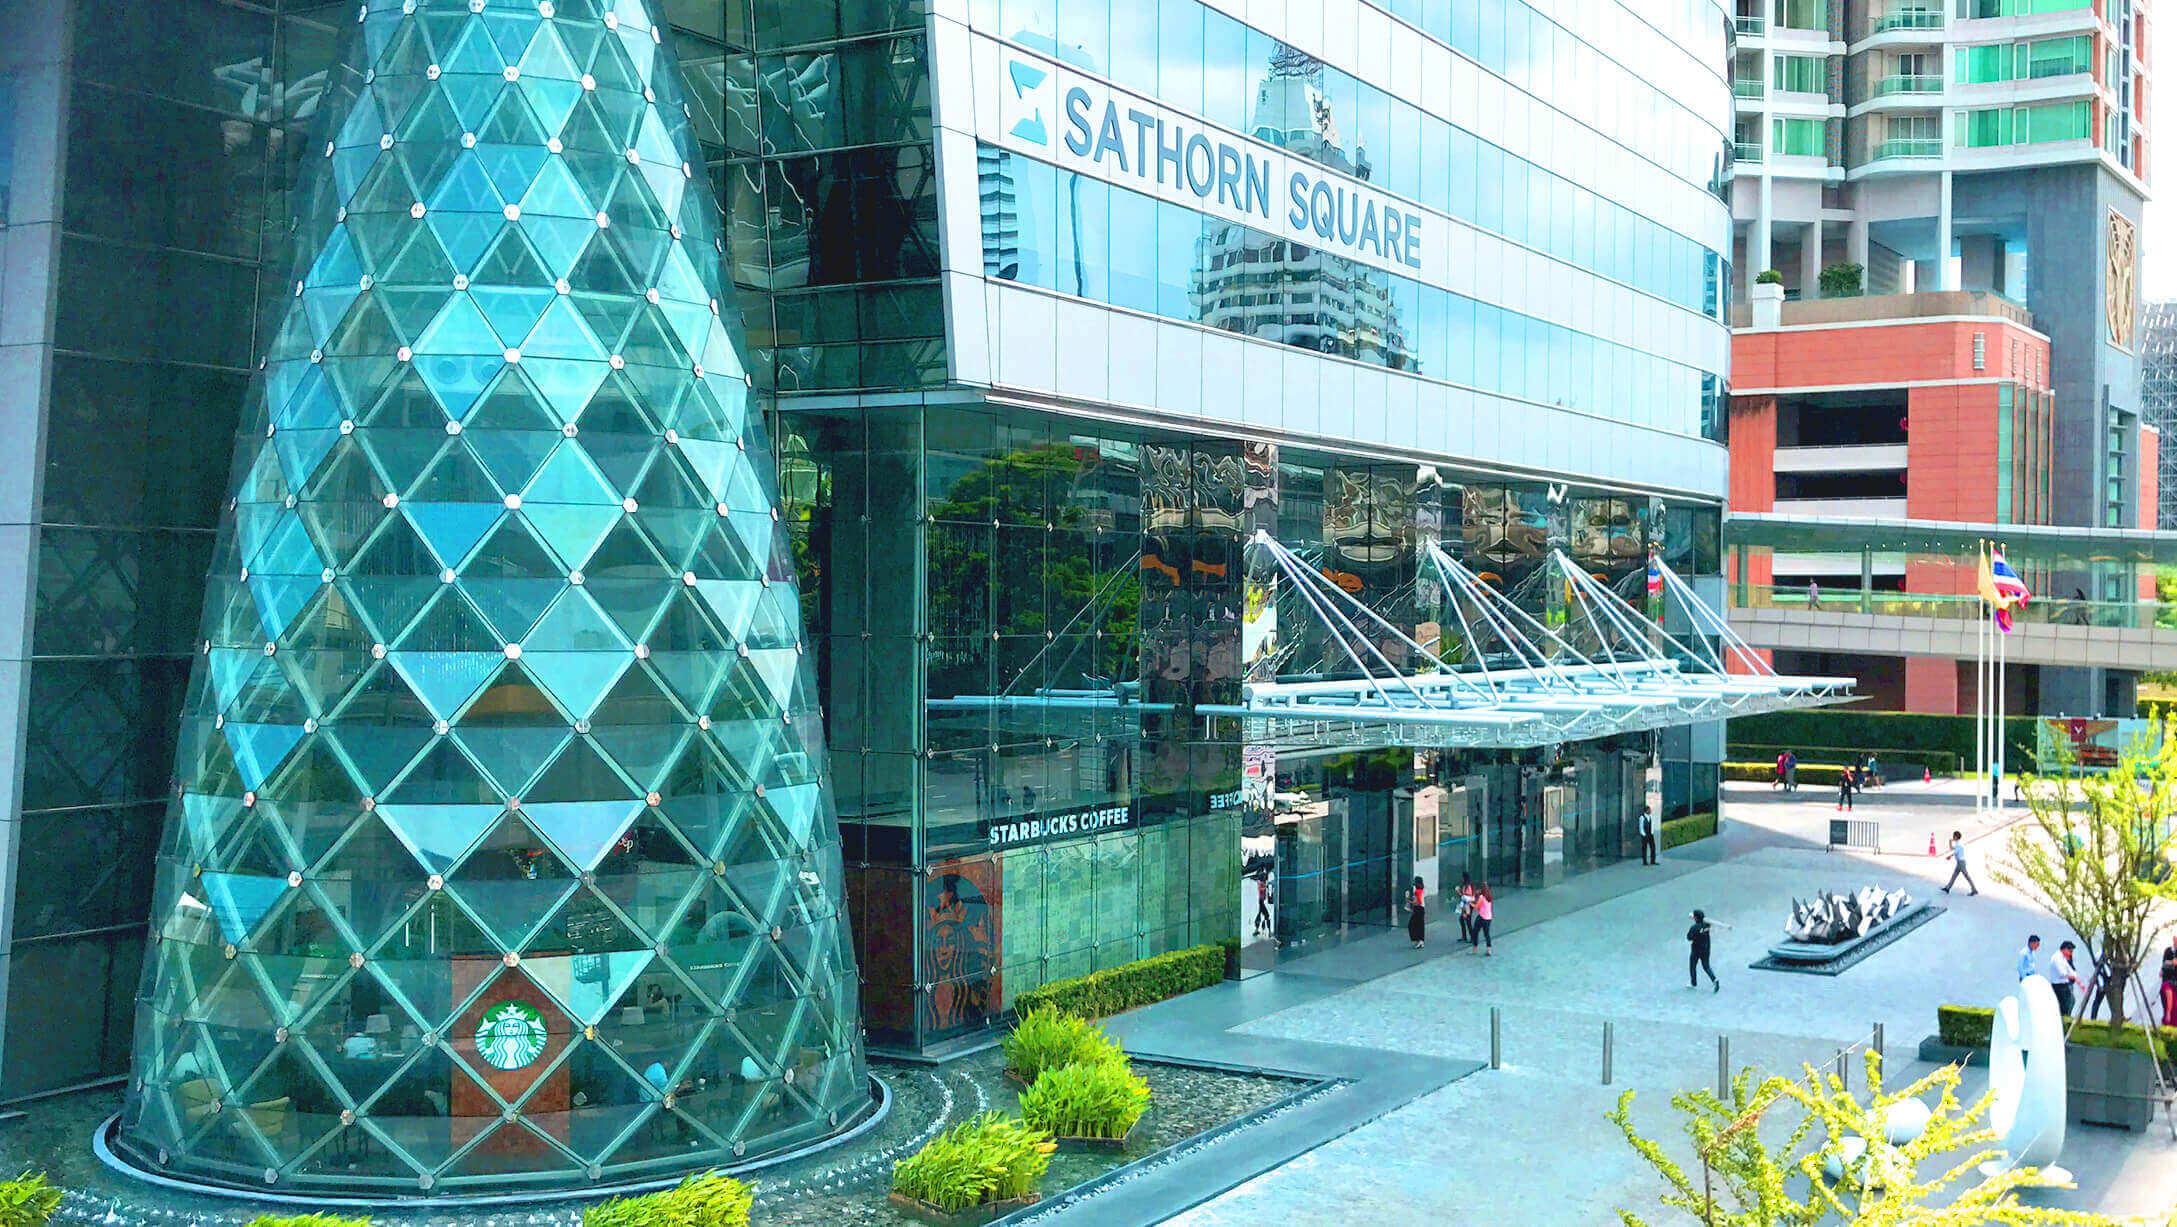 オフィス サトーンスクエア Sathorn Squareビルのエントランス画像